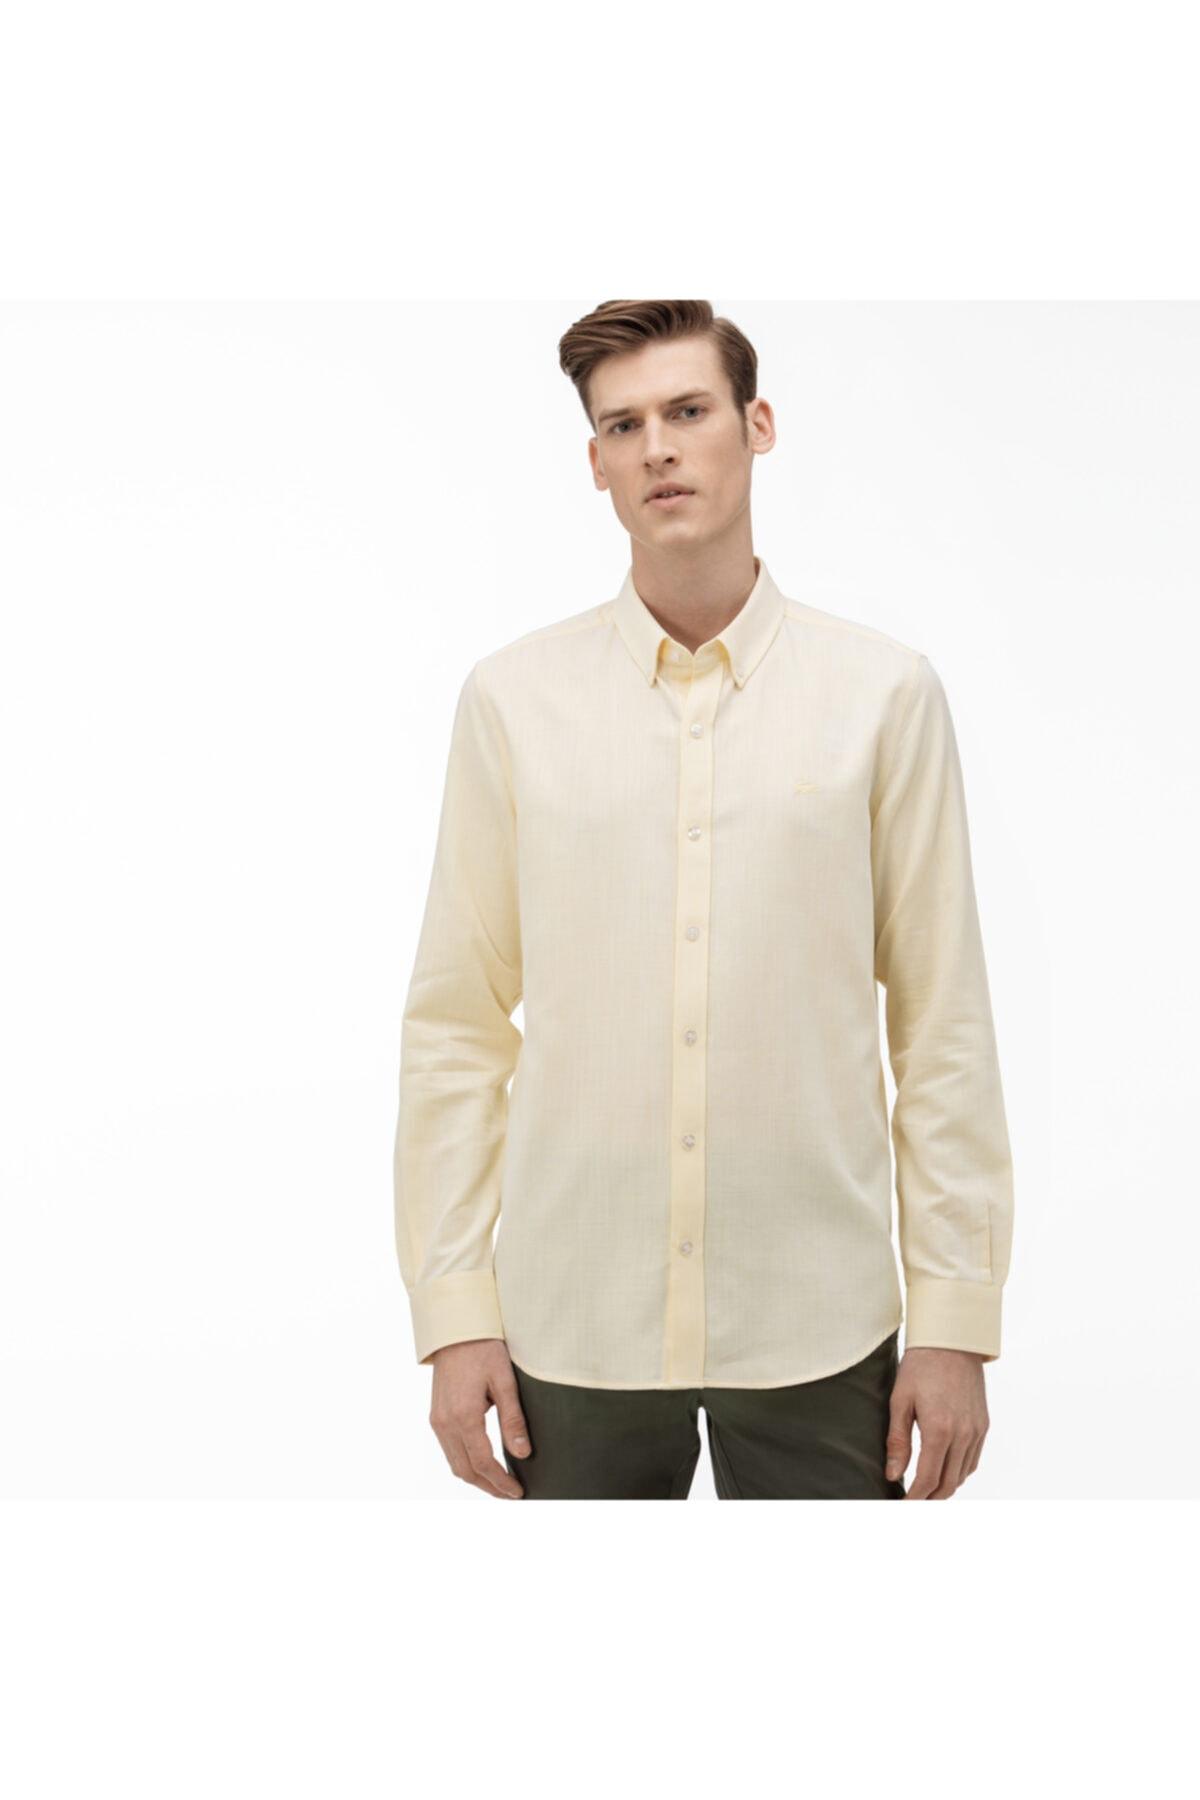 خرید ارزان پیراهن مردانه کلاسیک برند لاگوست رنگ زرد ty34809628